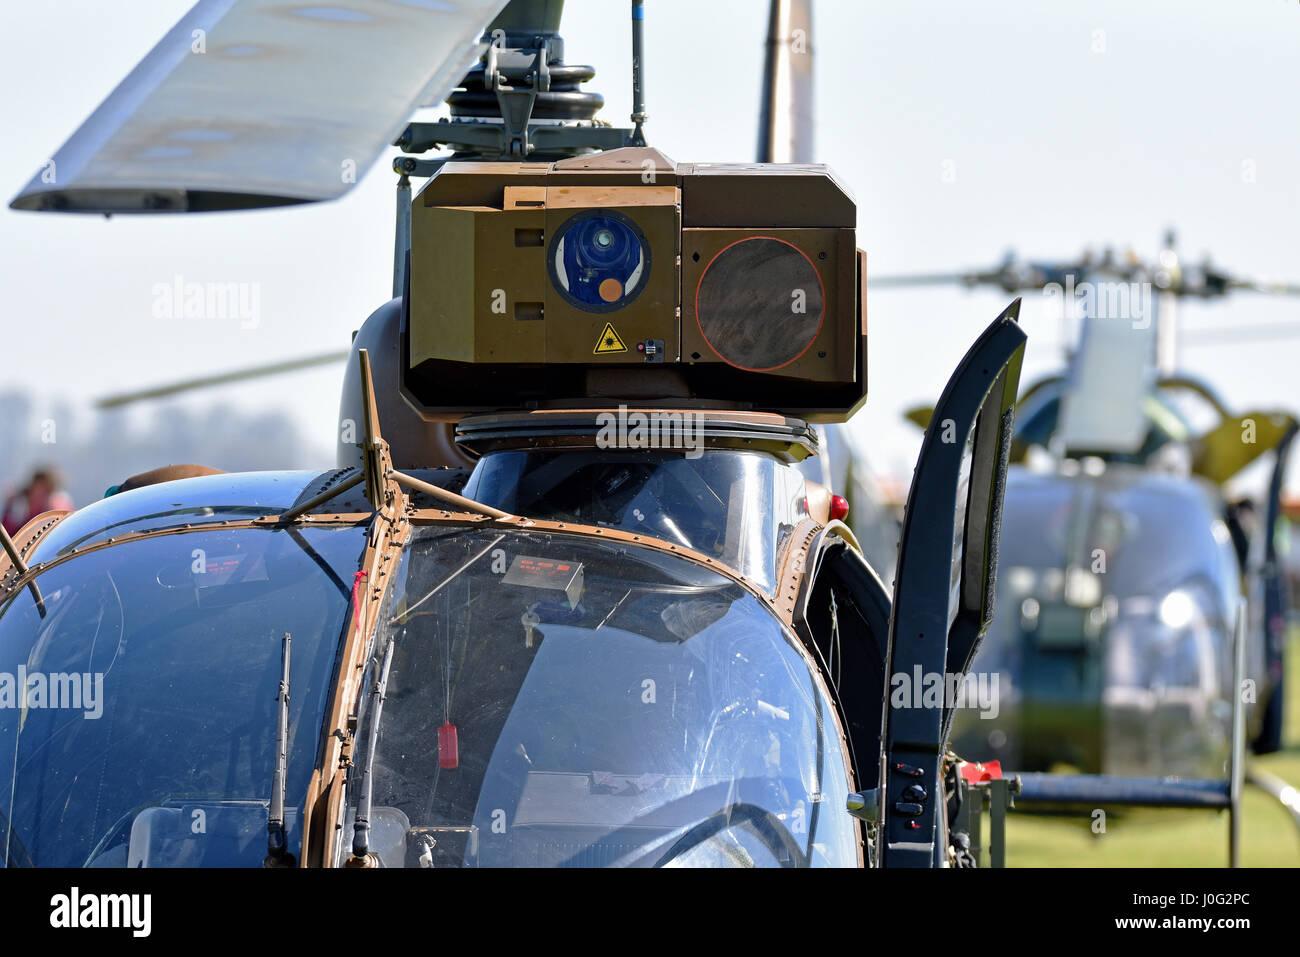 L'armée française de l'hélicoptère Aerospatiale Gazelle SA341 vu ici à la Gazelle Photo Stock